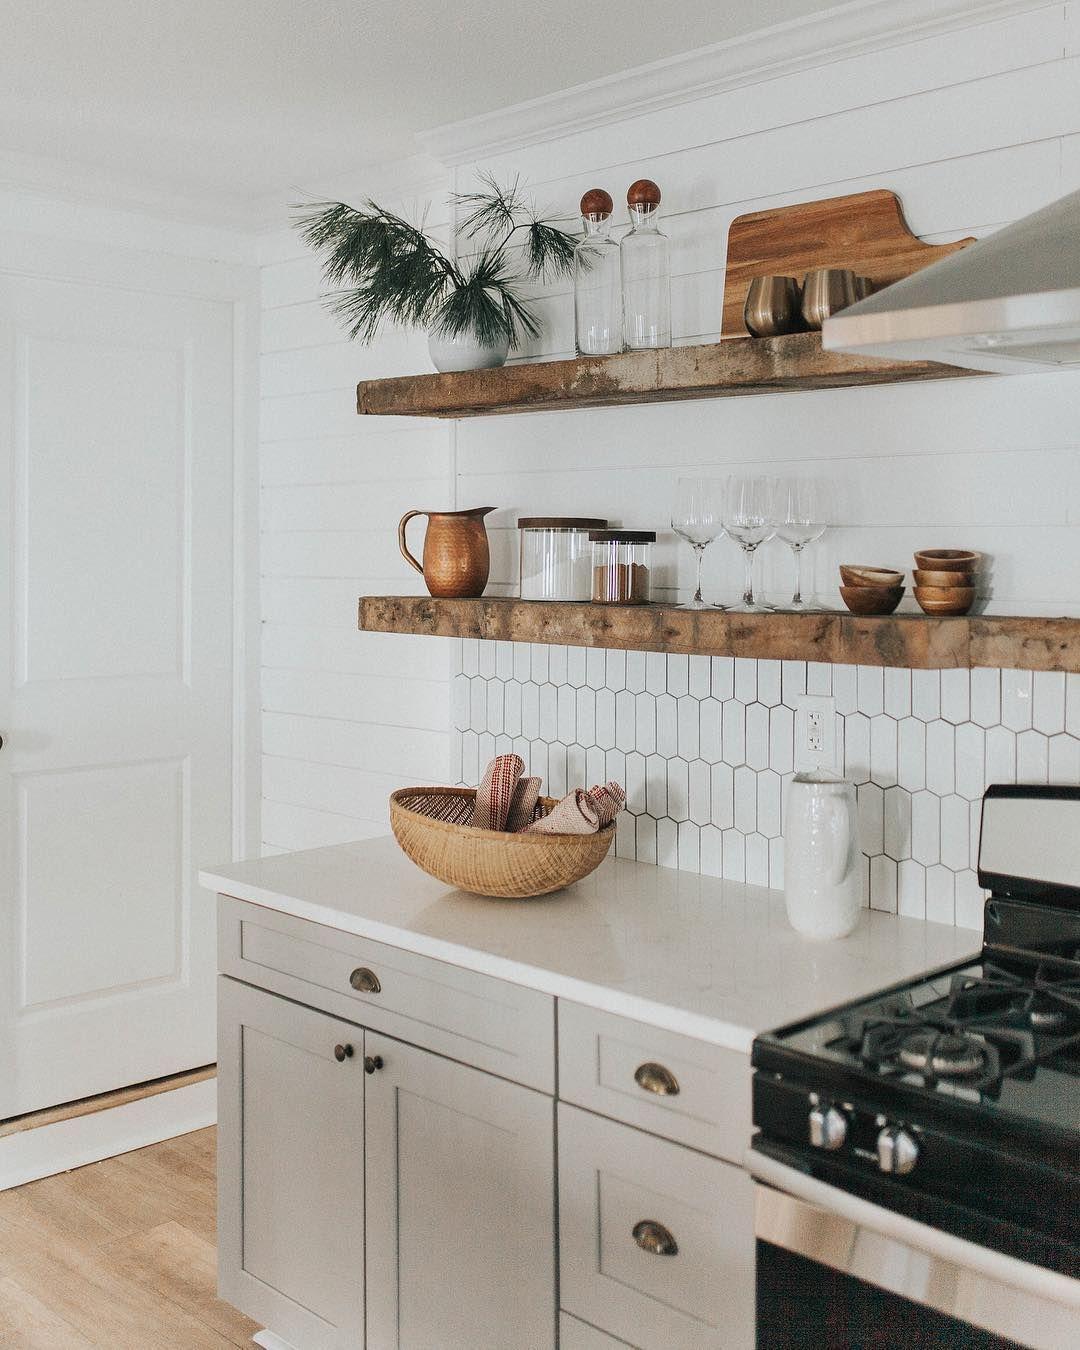 Kitchen Decor Teal White Kitchen Decor Pineapple Kitchen Decor Beach Kitchen Decor Ideas For Kit In 2020 Kitchen Interior Kitchen Inspirations White Kitchen Decor